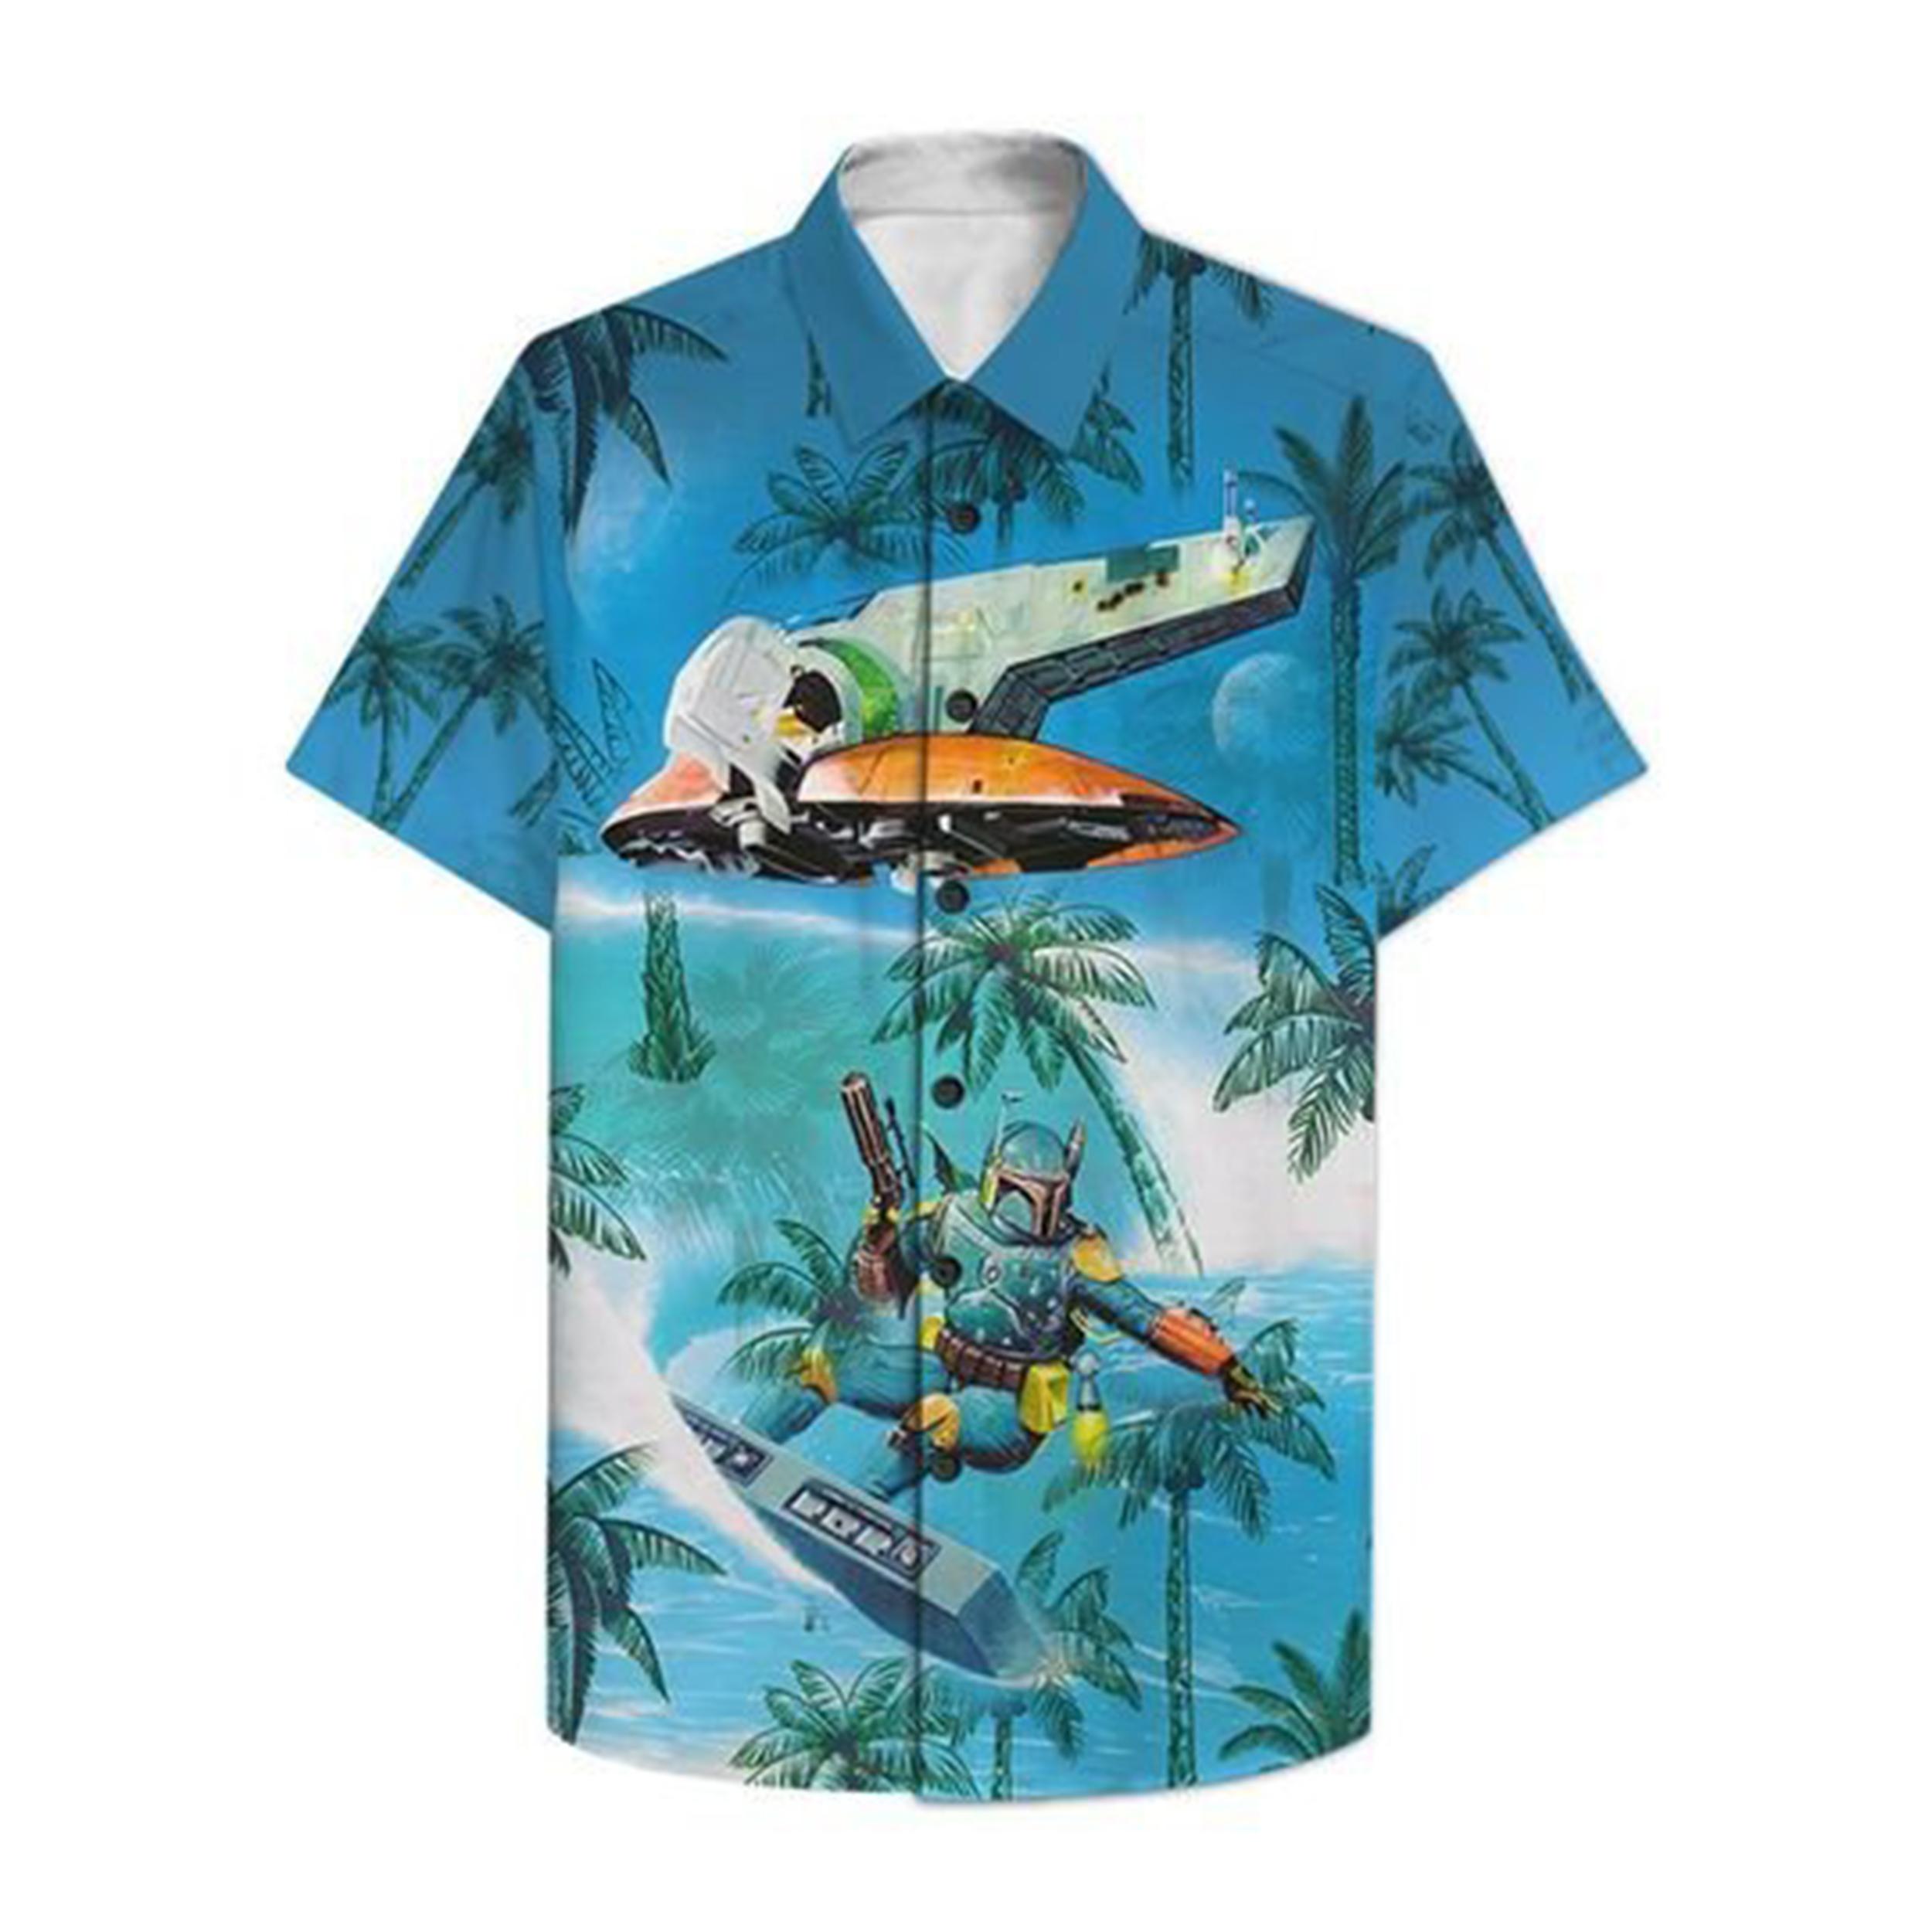 Dadalorian Surfing Hawaiian Hawaiian Shirt 1